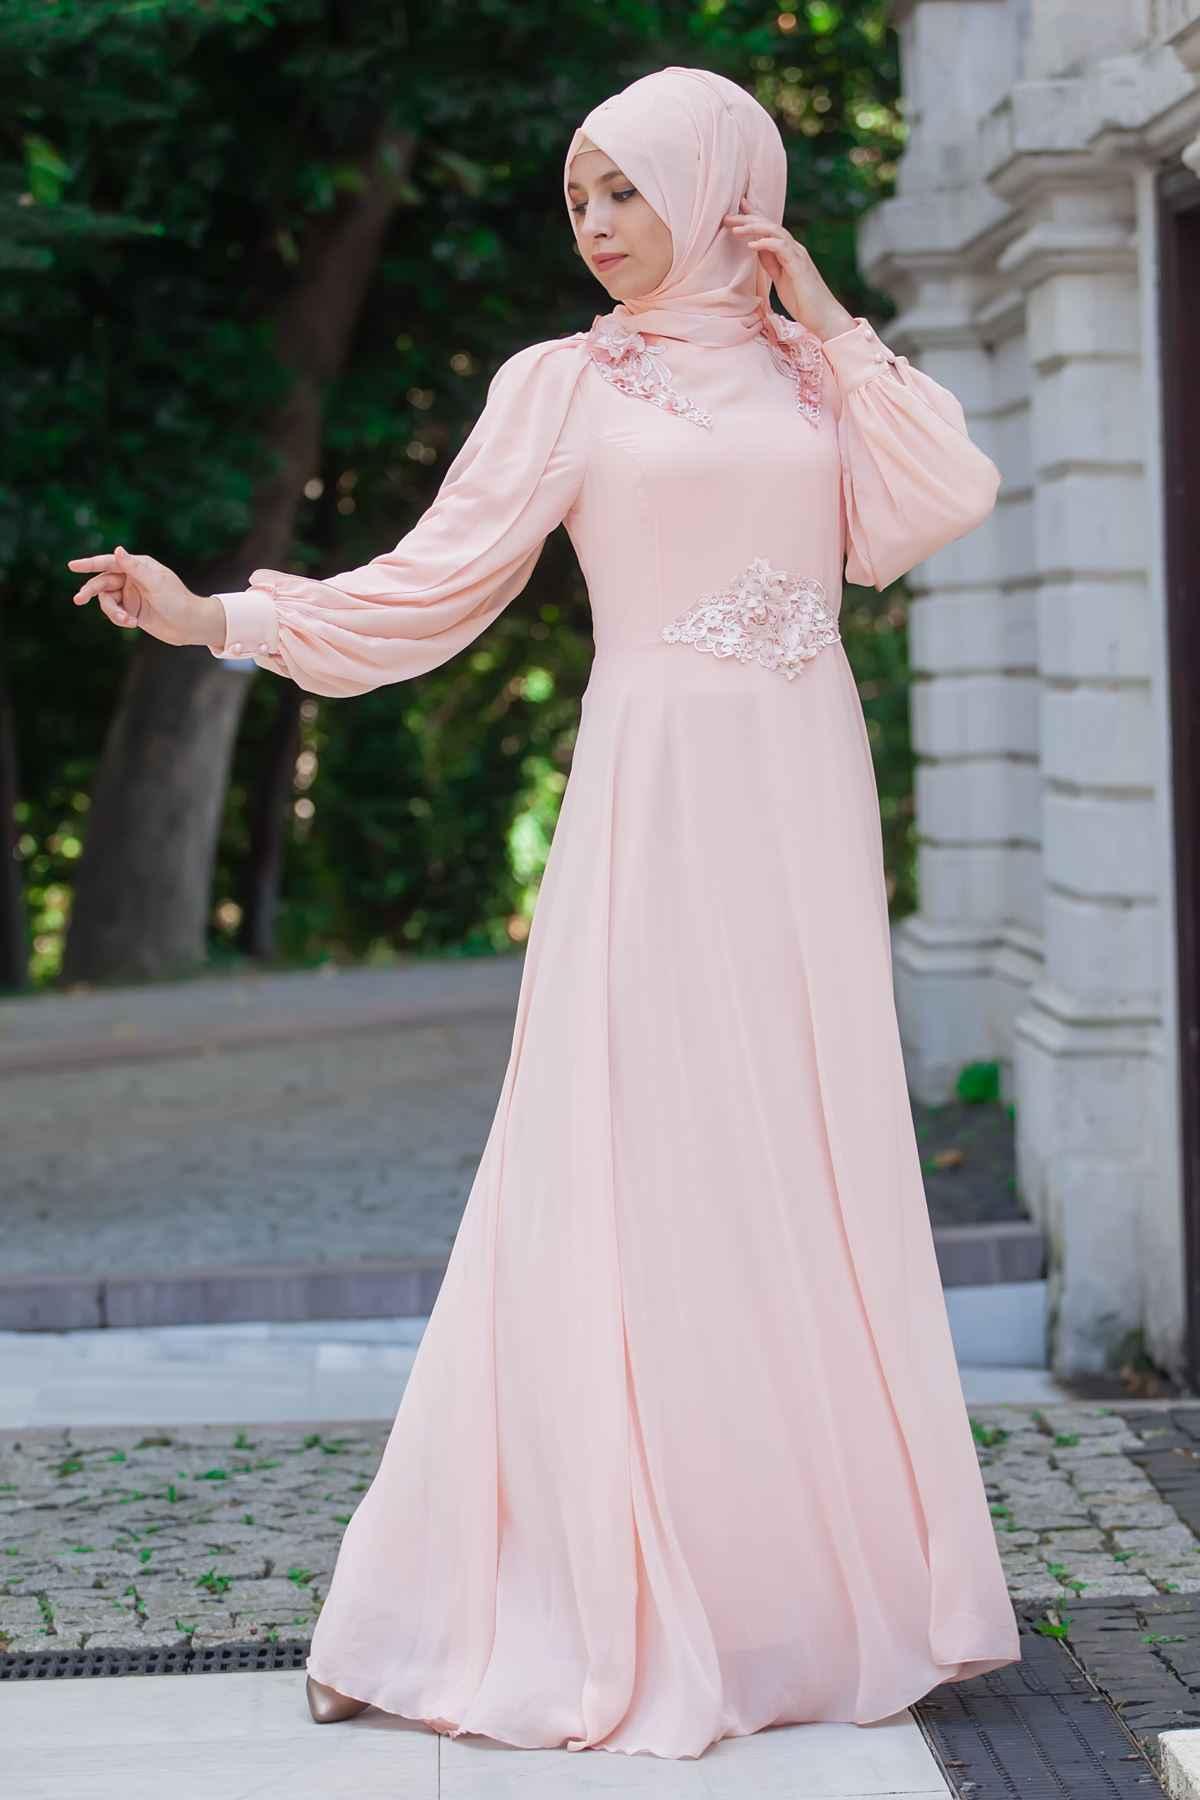 6d5dcdef30e20 Sedanur Şık Tesettür Abiye Elbise Modelleri - Moda Tesettür Giyim